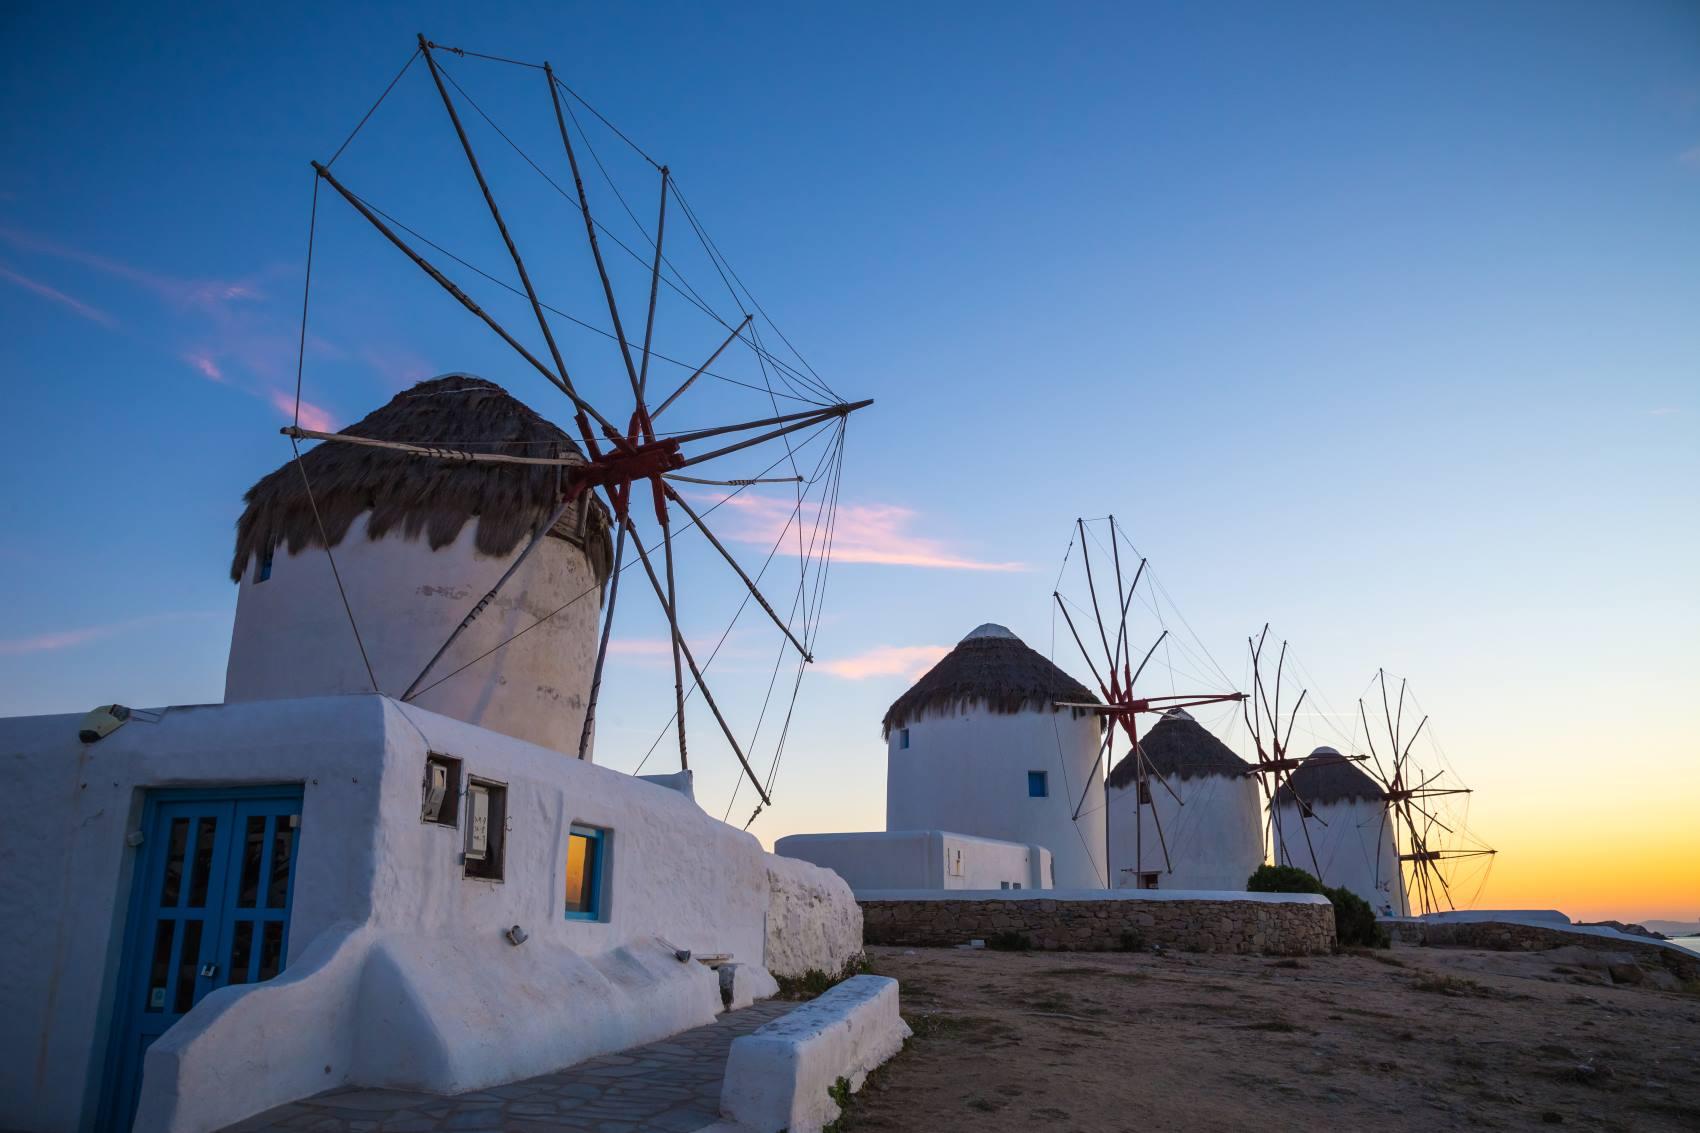 Wiosenne okazje na grecką wyspę Mykonos. Loty z Polski